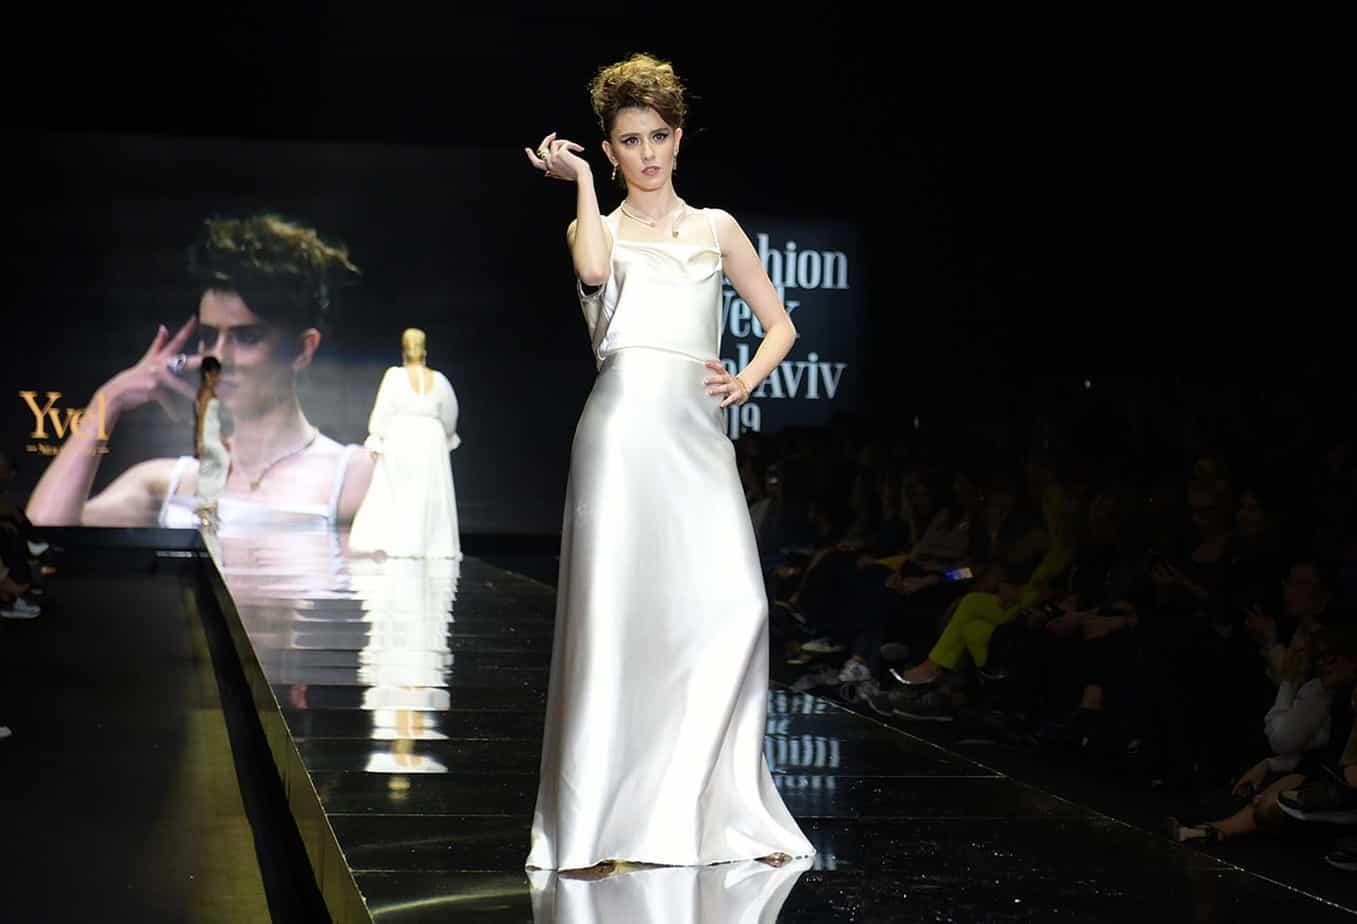 רוח נשית. שבוע האופנה תל אביב 2019. צילום סרג'ו סטרודובצב - 362